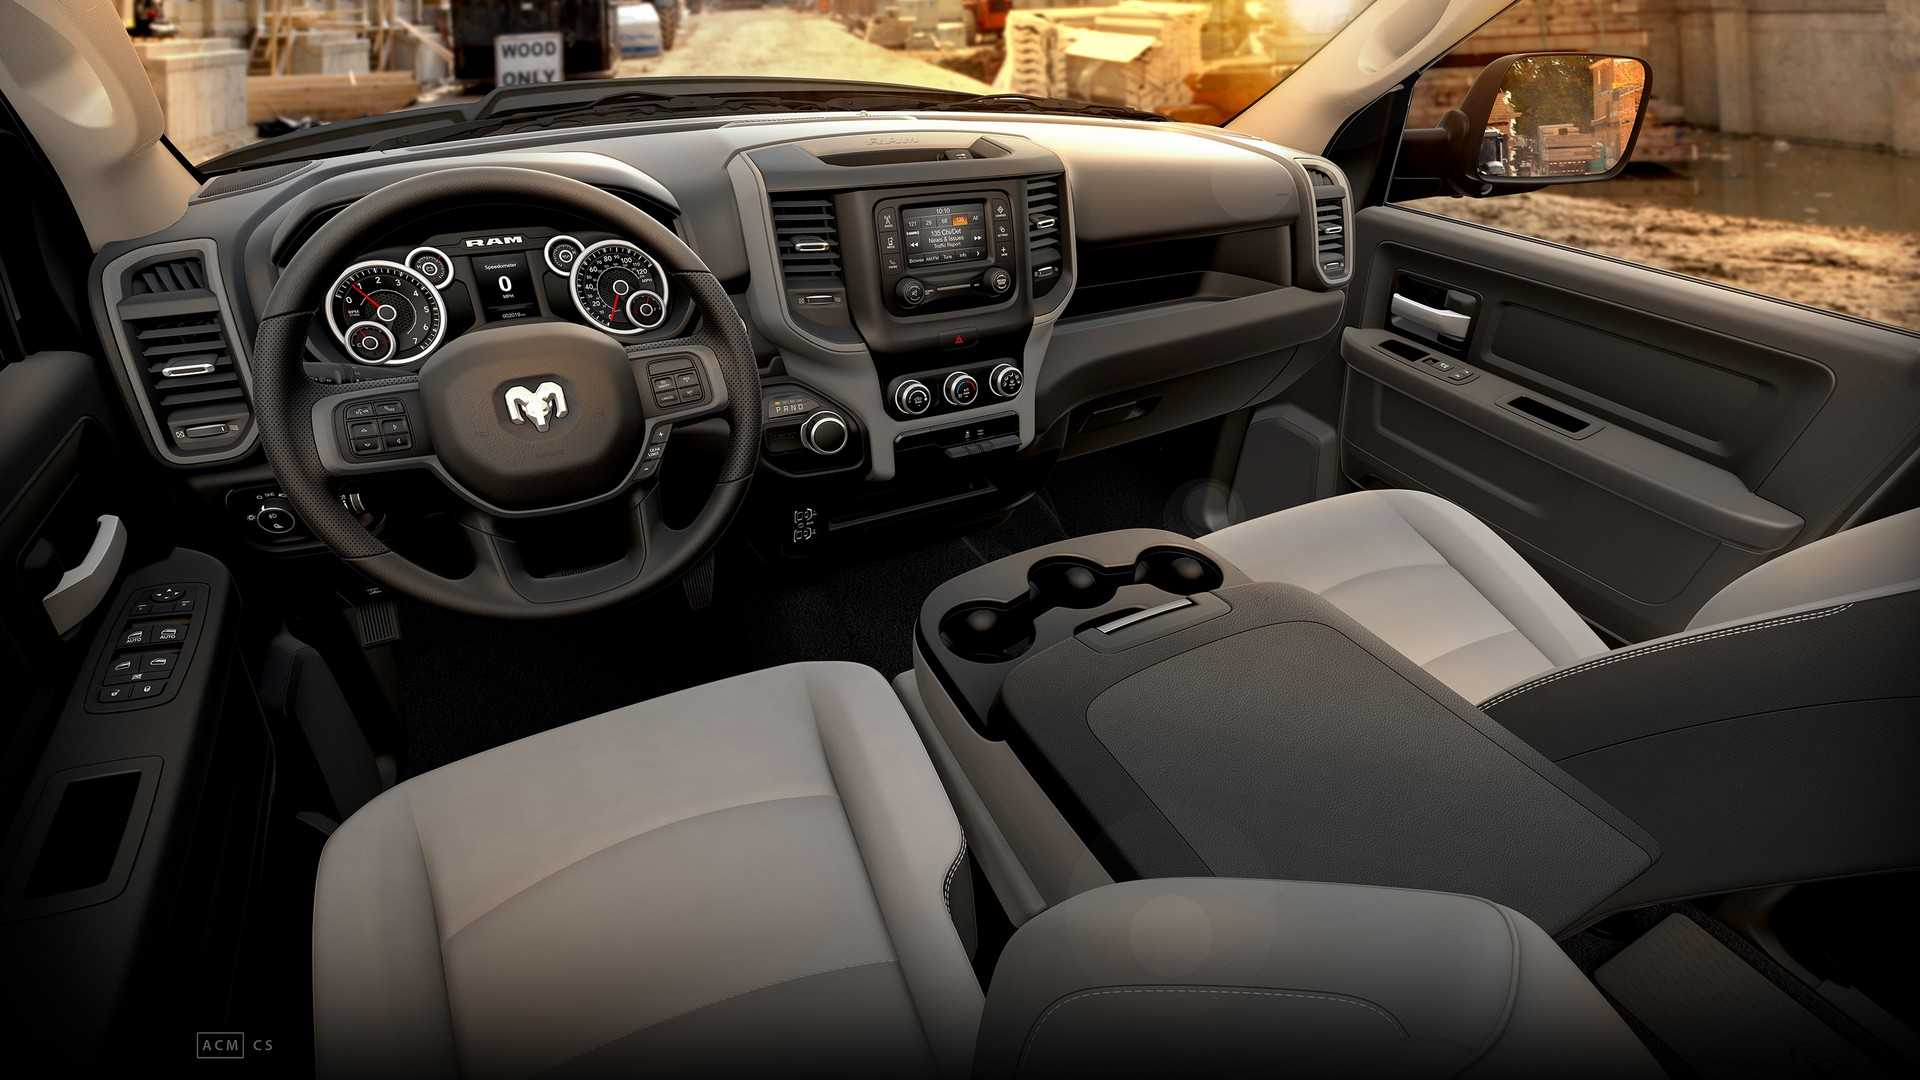 2019-ram-heavy-duty-interior (18)